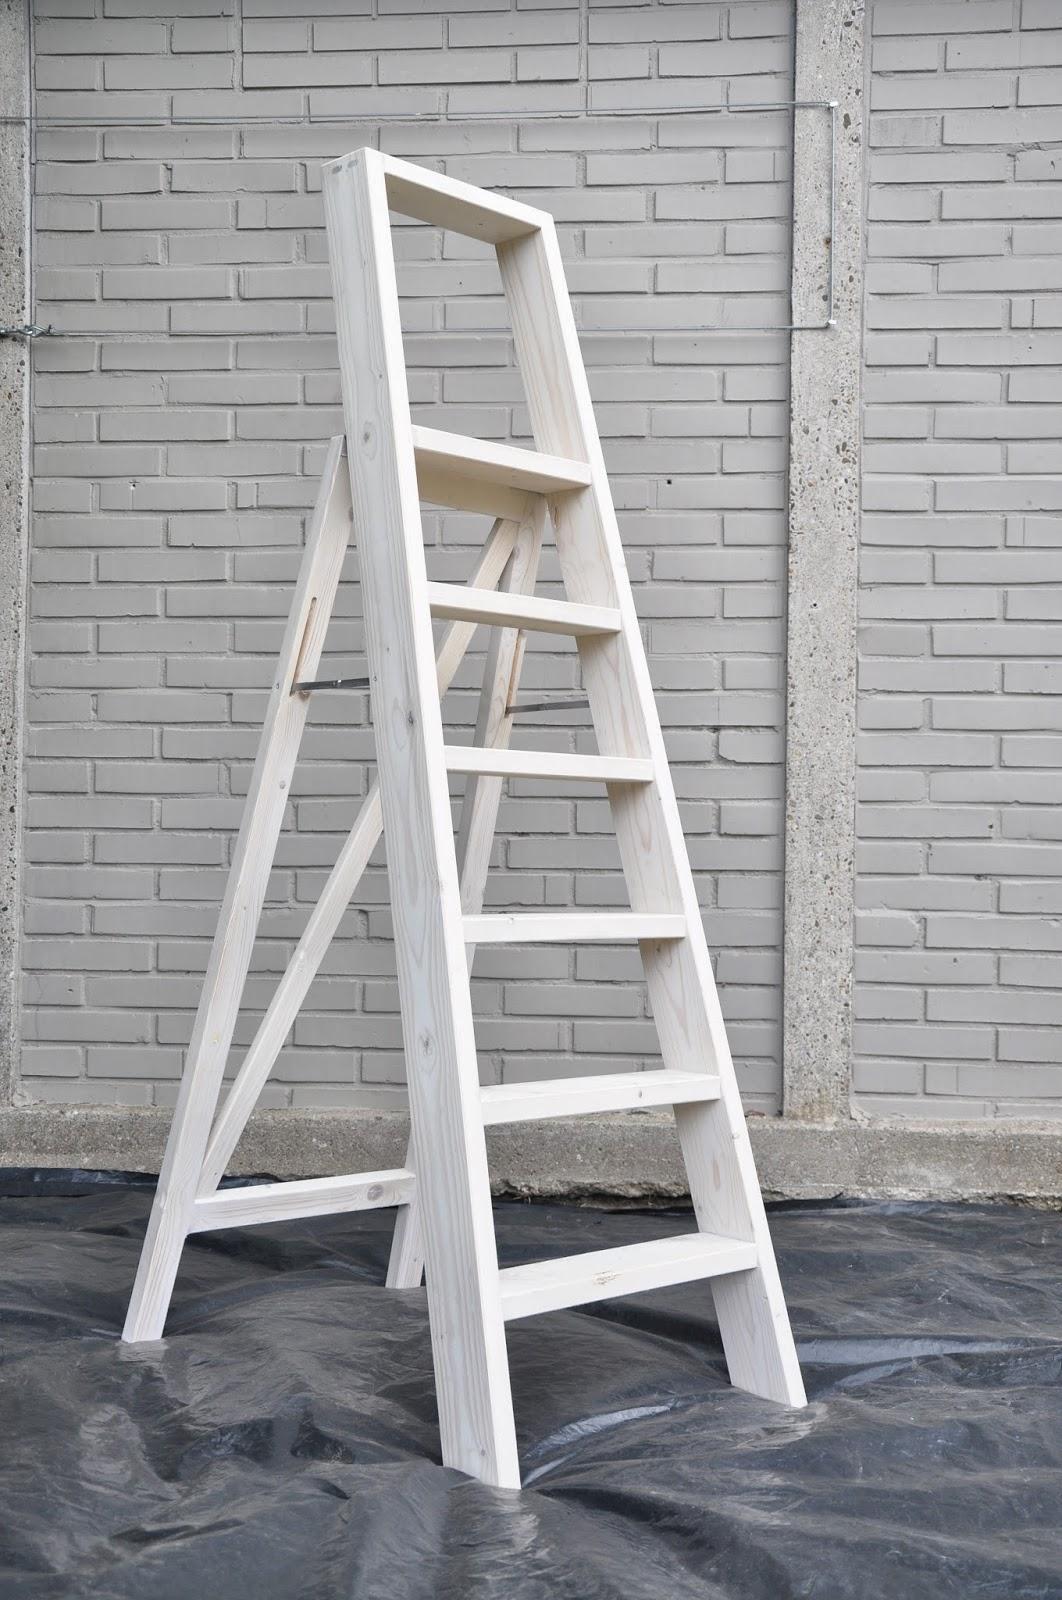 Trapje voor eigen gebruik eenvoud telt - Interieur houten trap ...